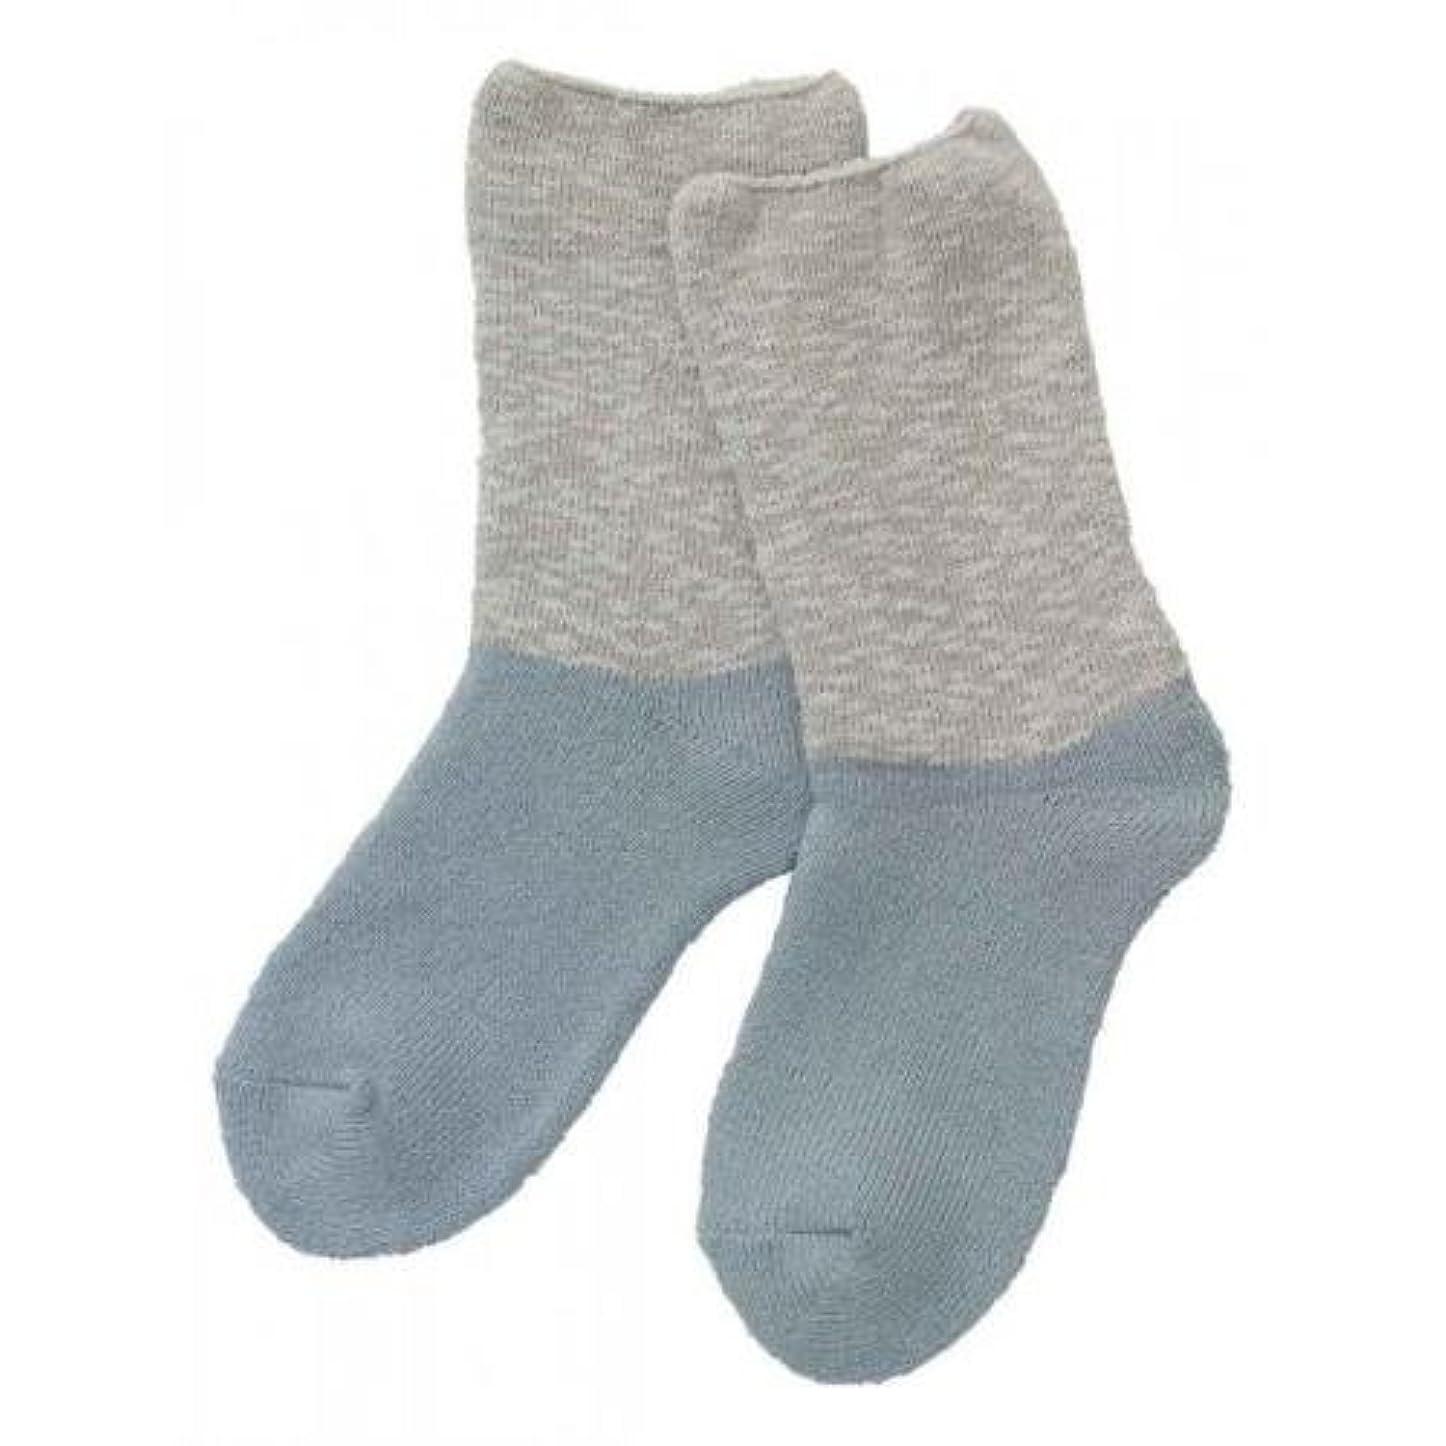 好ましい移行けん引Carelance(ケアランス)お風呂上りのやさしい靴下 綿麻パイルで足先さわやか 8706CA-70 ブルー